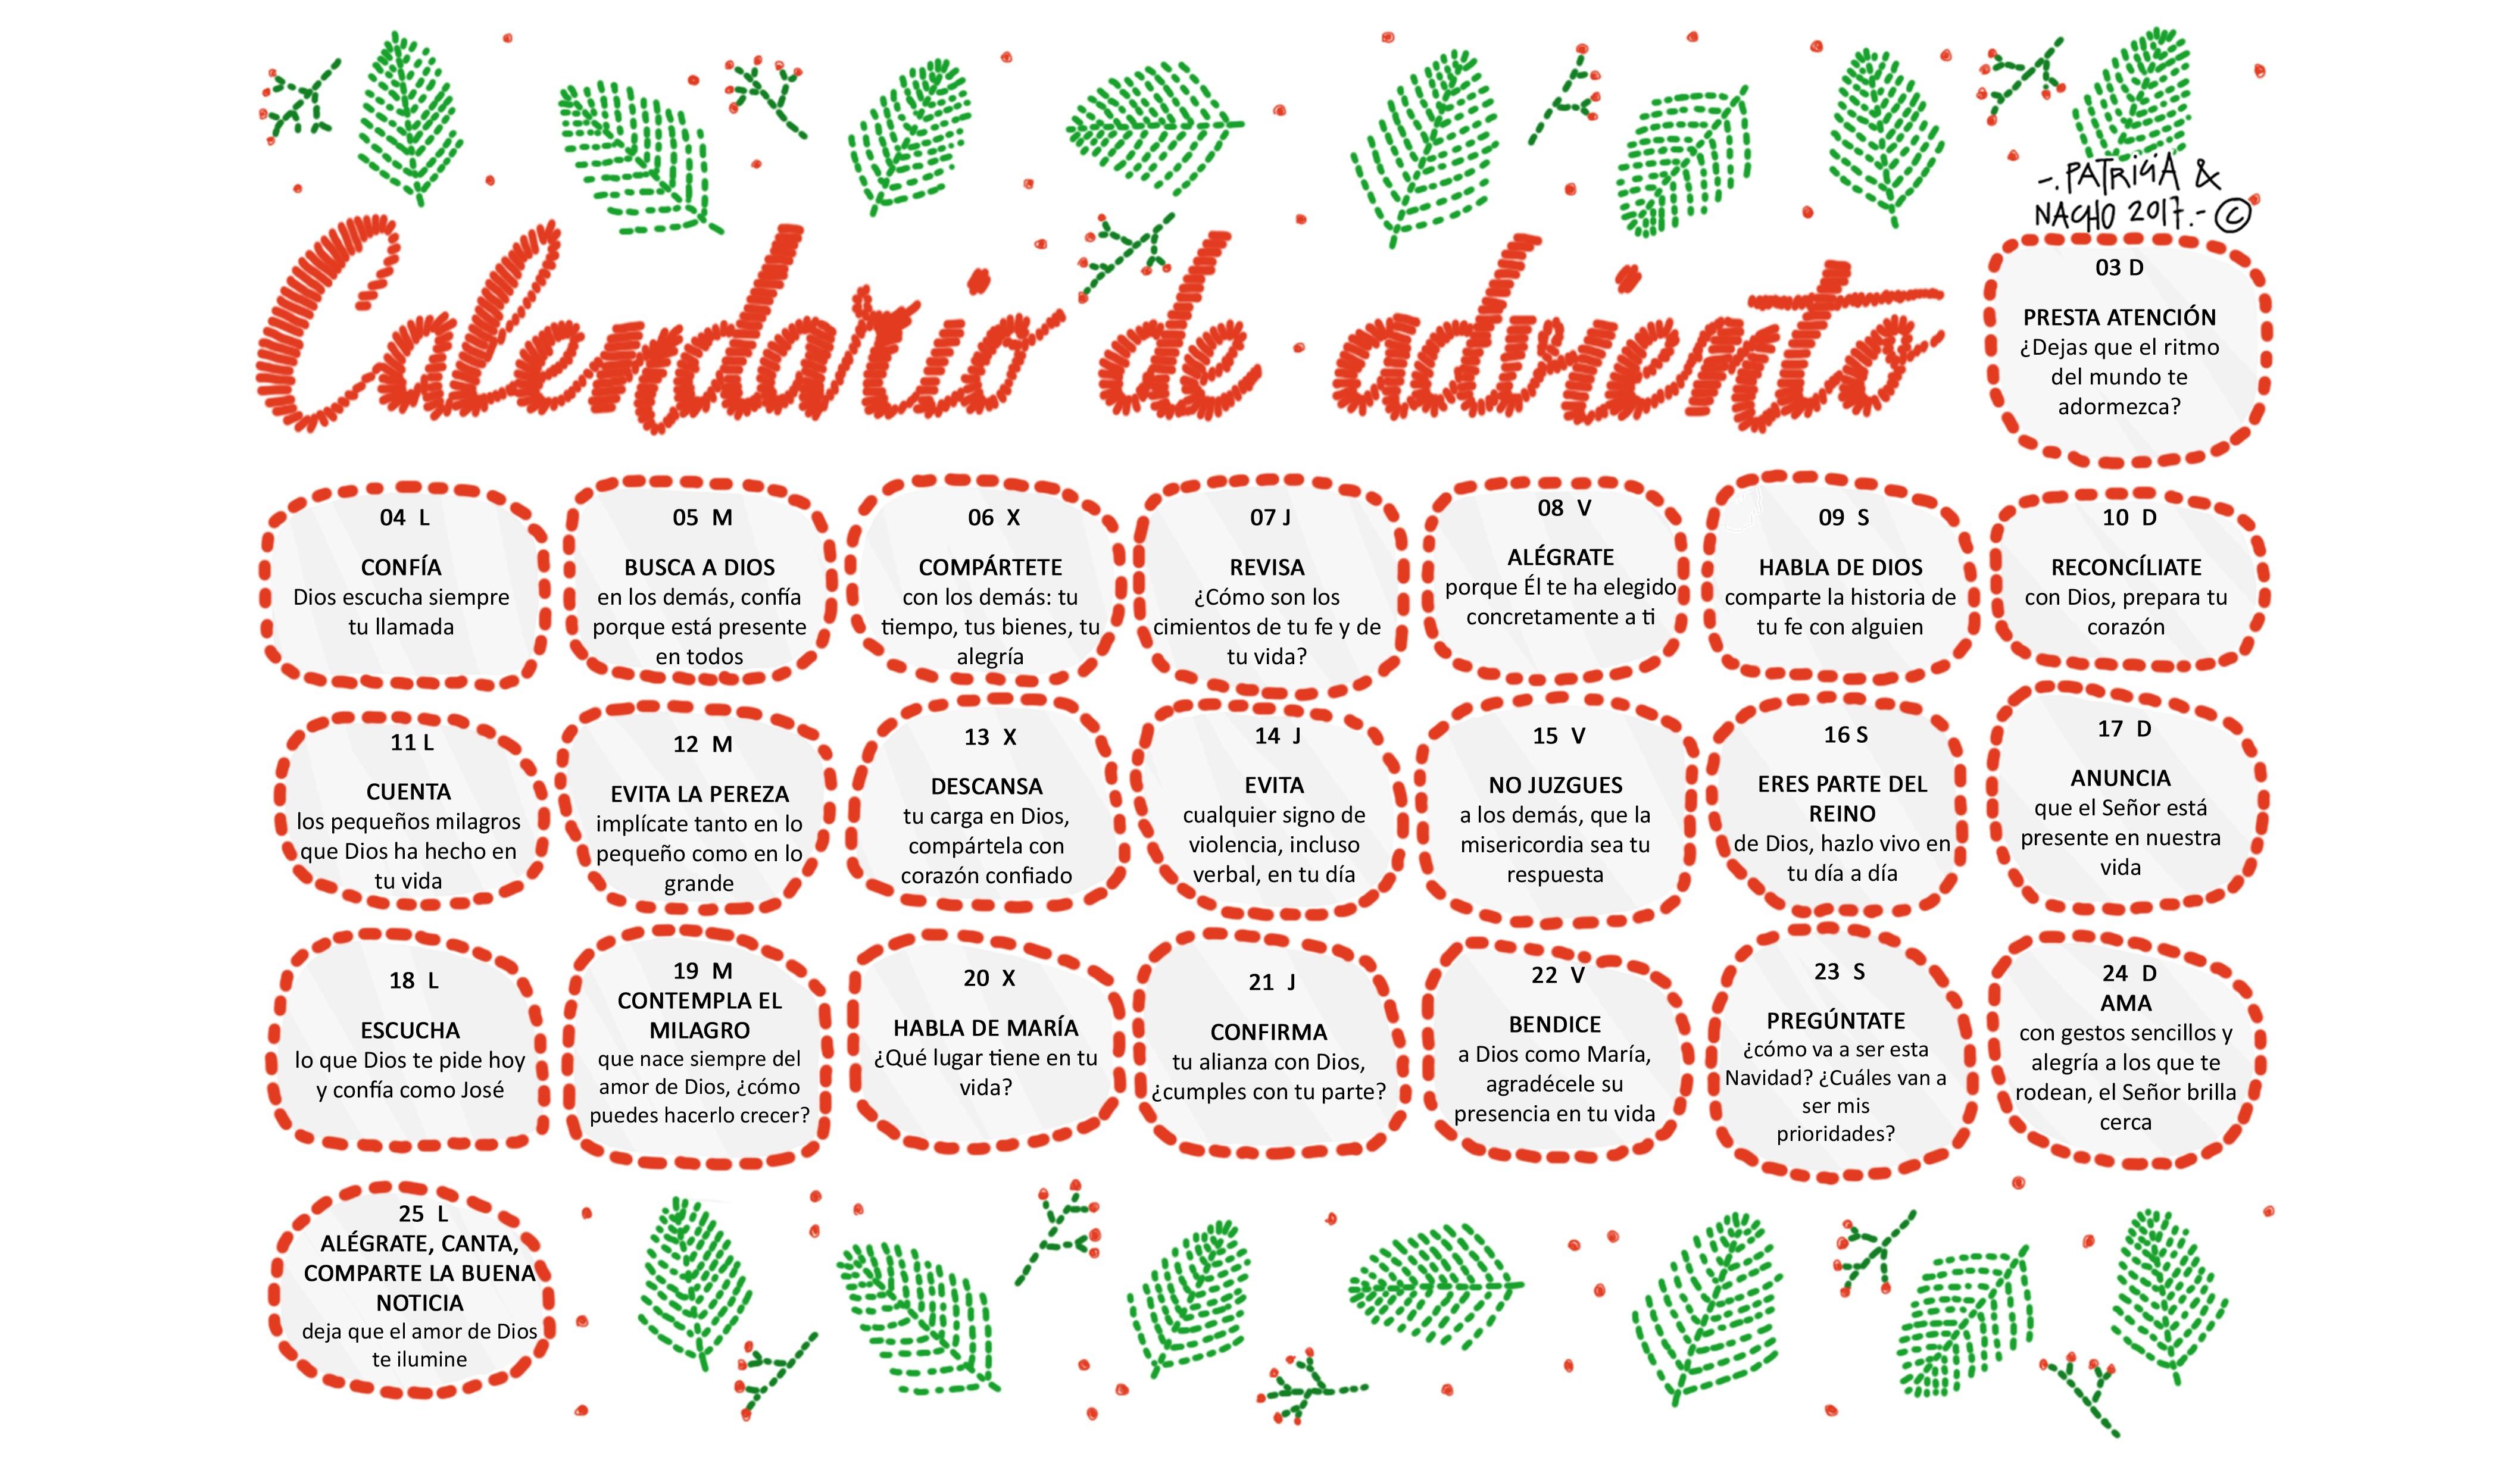 Imprimir Calendario 2017 Mexico Recientes Calendario 2018 Más De 150 Plantillas Para Imprimir Y Descargar Gratis Of Imprimir Calendario 2017 Mexico Más Populares Mejores 14 Imágenes De Productividad Al Papel En Pinterest